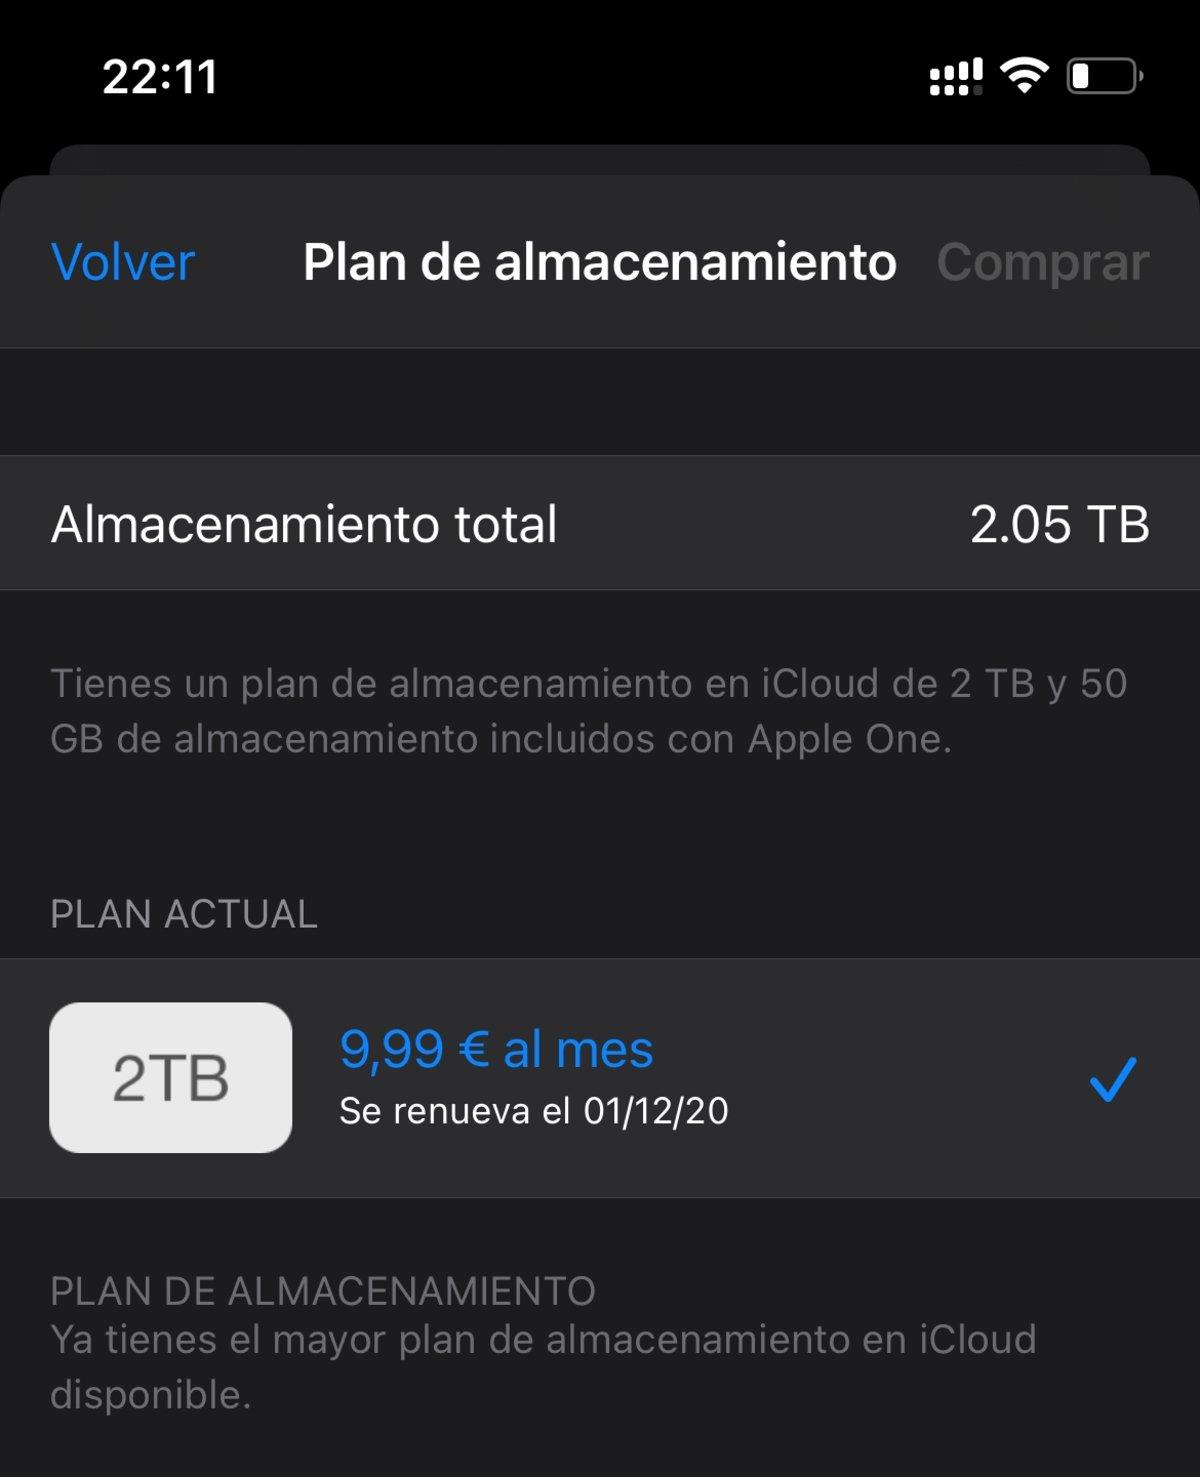 Almacenamiento en iCloud de 2TB